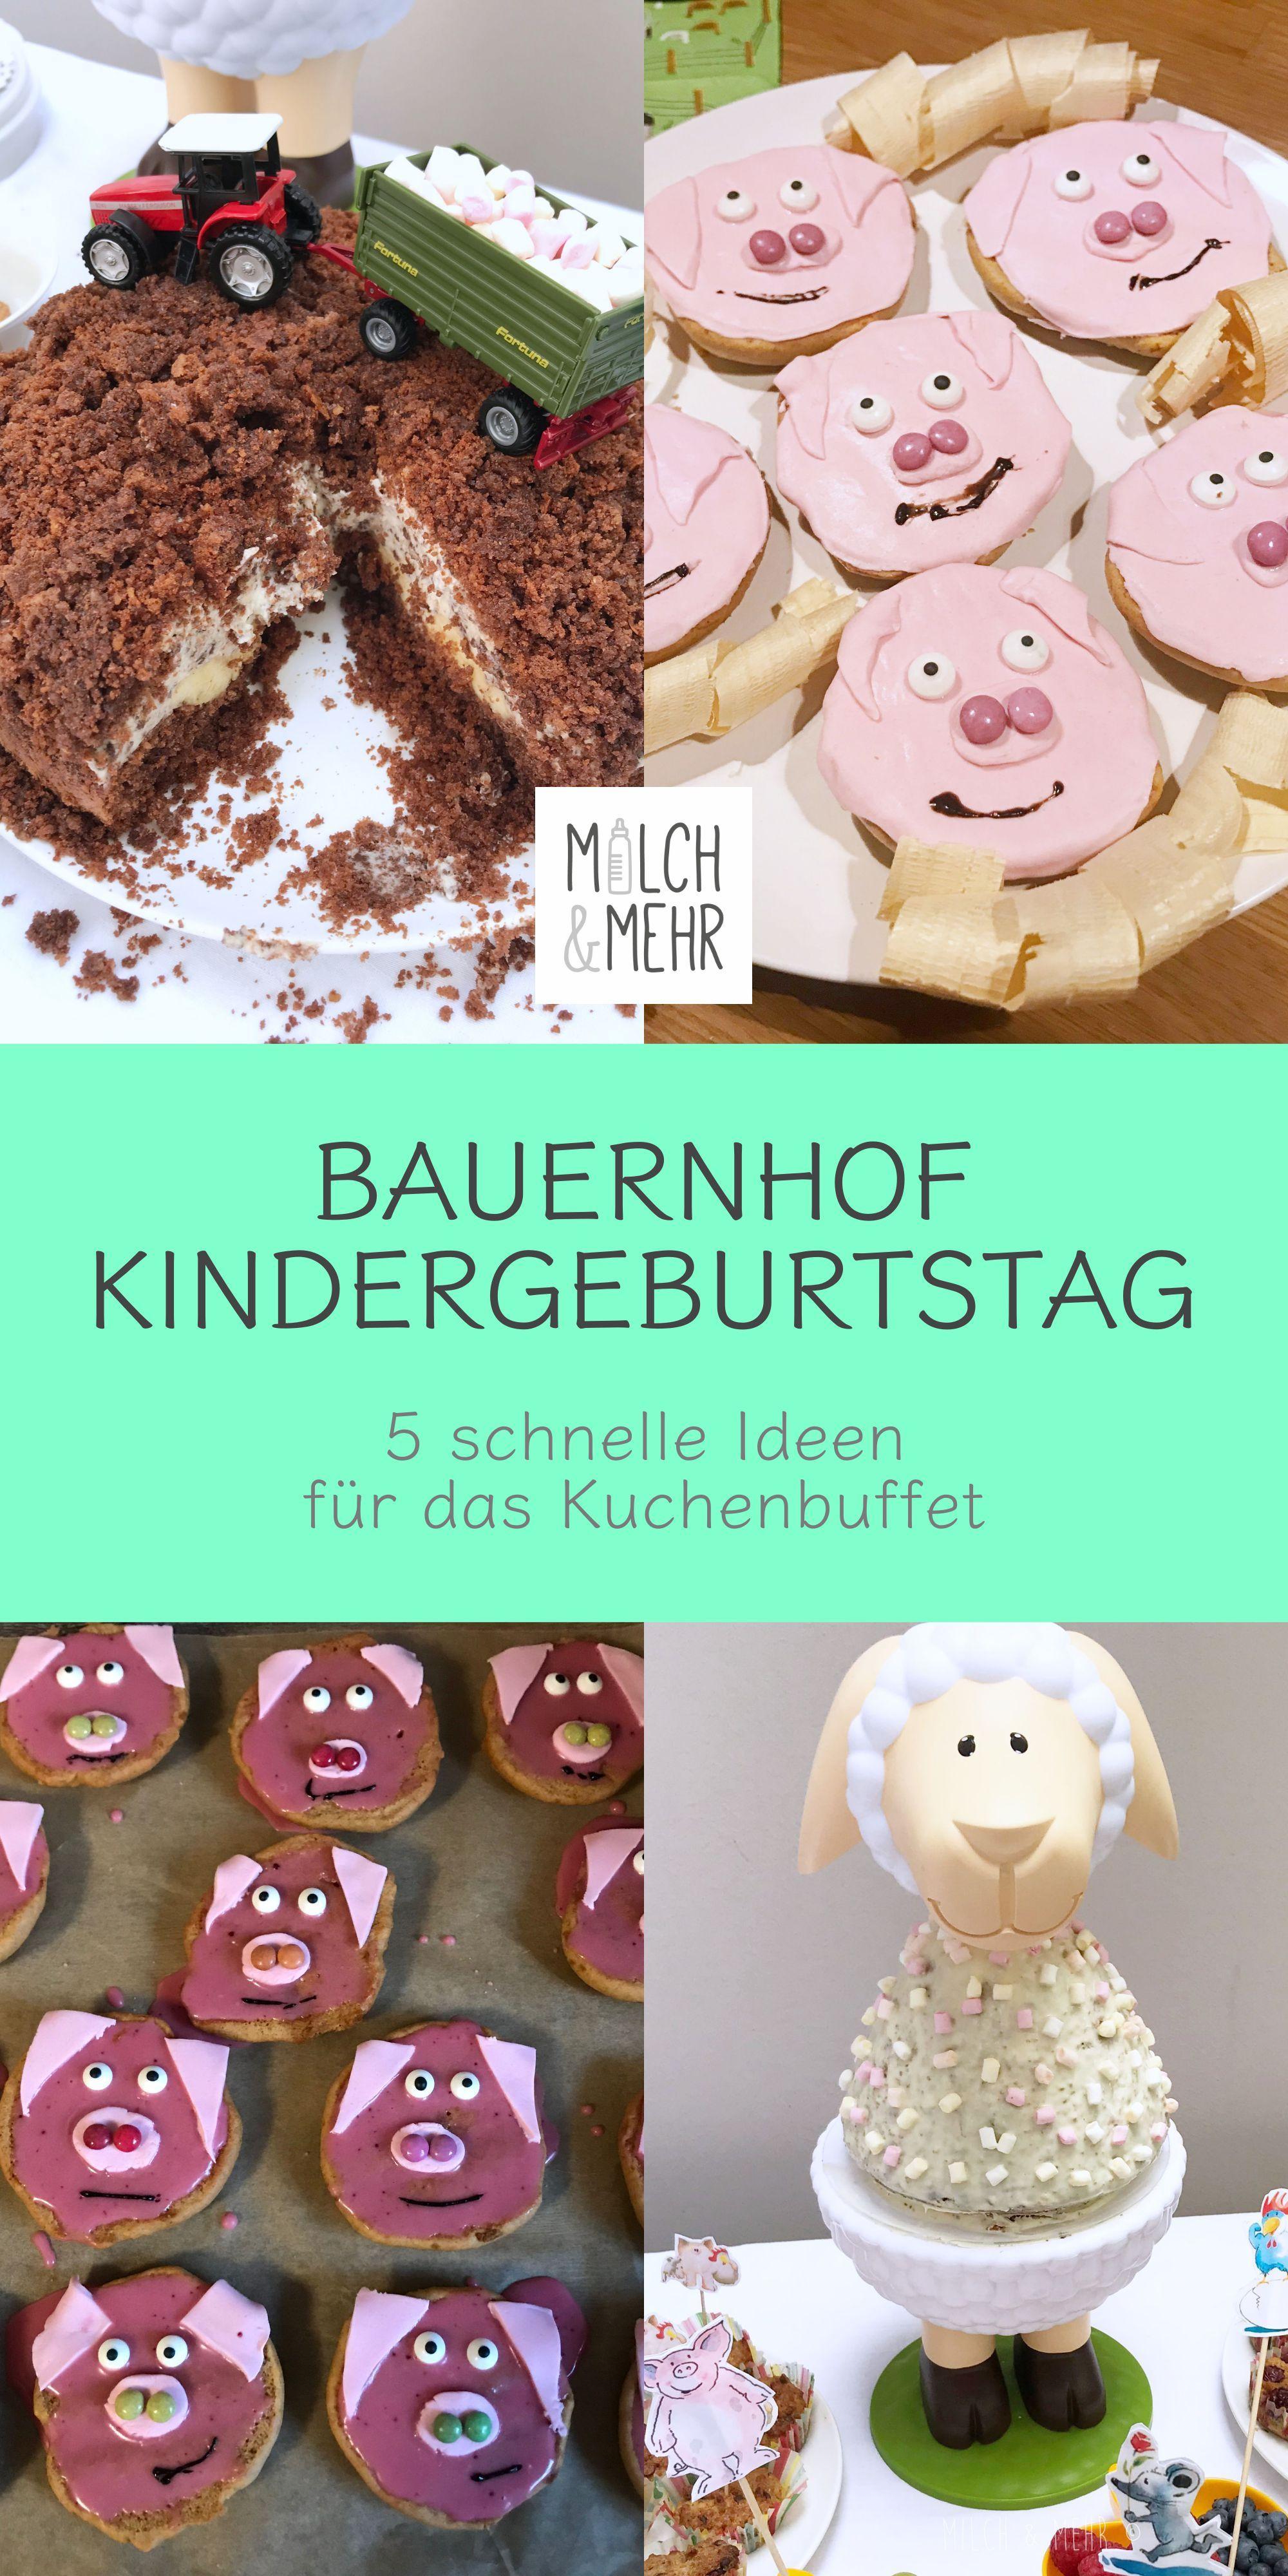 Bauernhof Kindergeburtstag Kuchen Inspiration Bauernhofparty Kindergeburtstag Kindergeburtstag Bauernhof